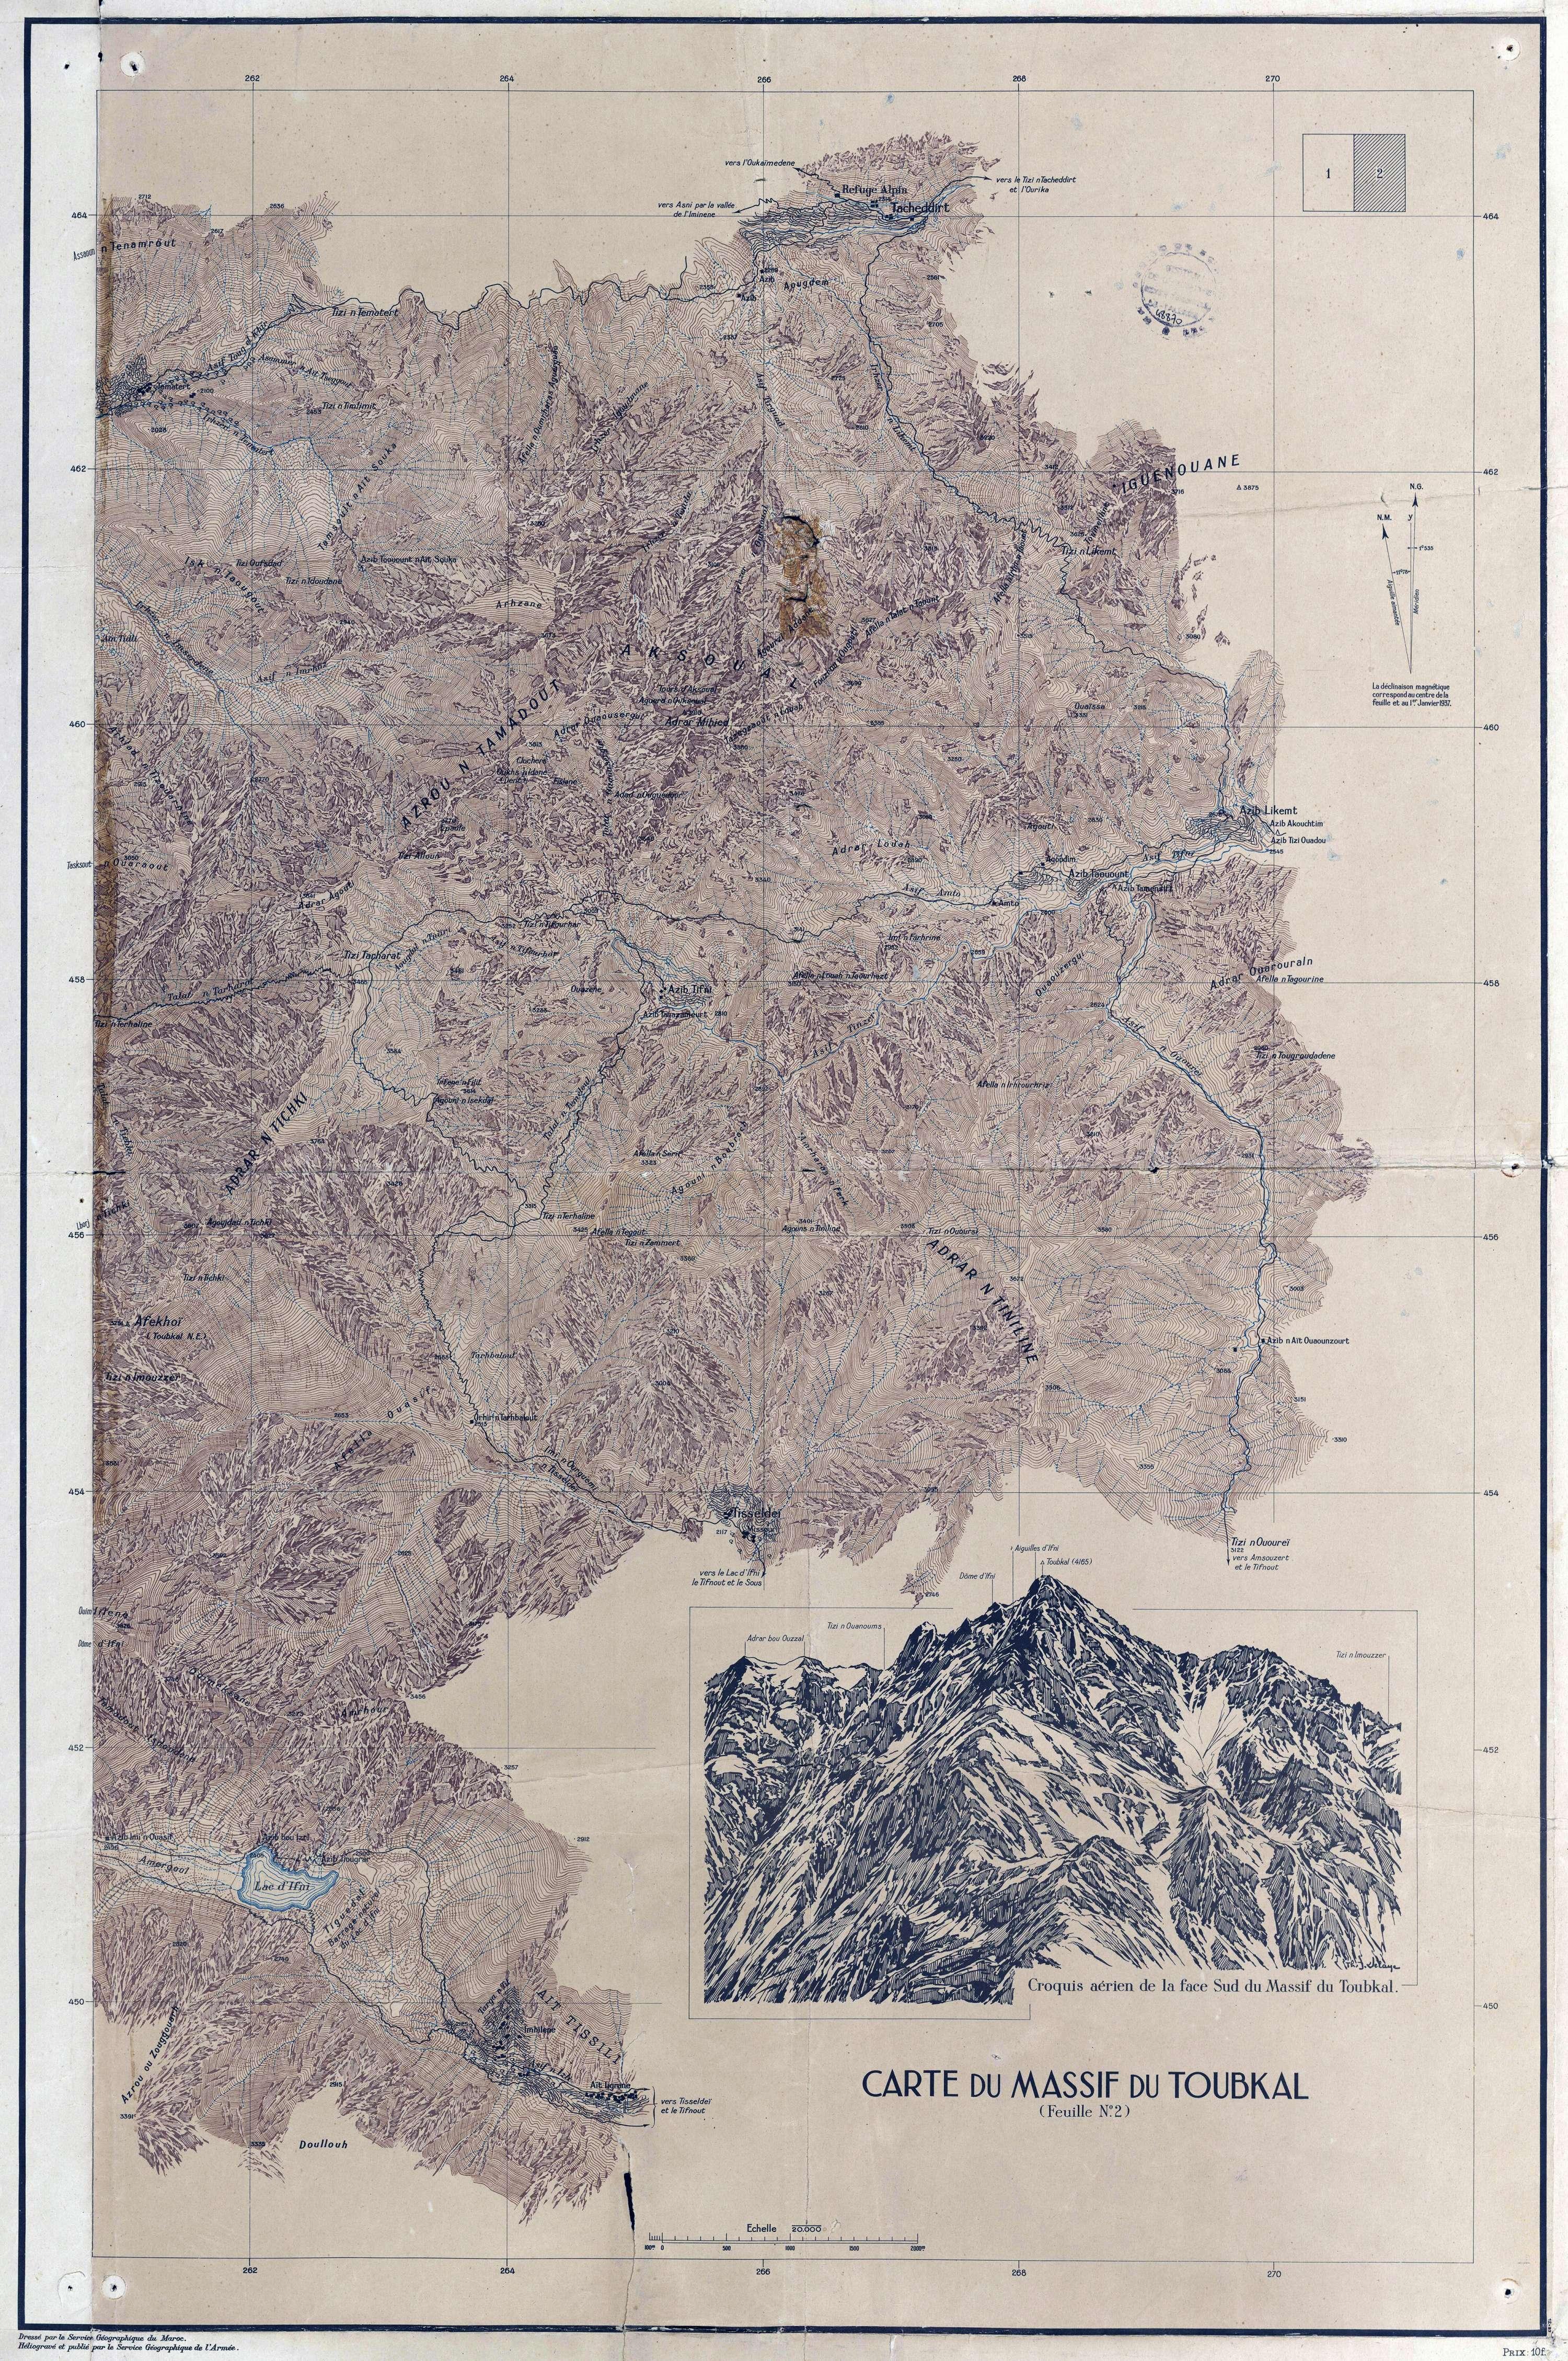 Carte du massif du Toubkal